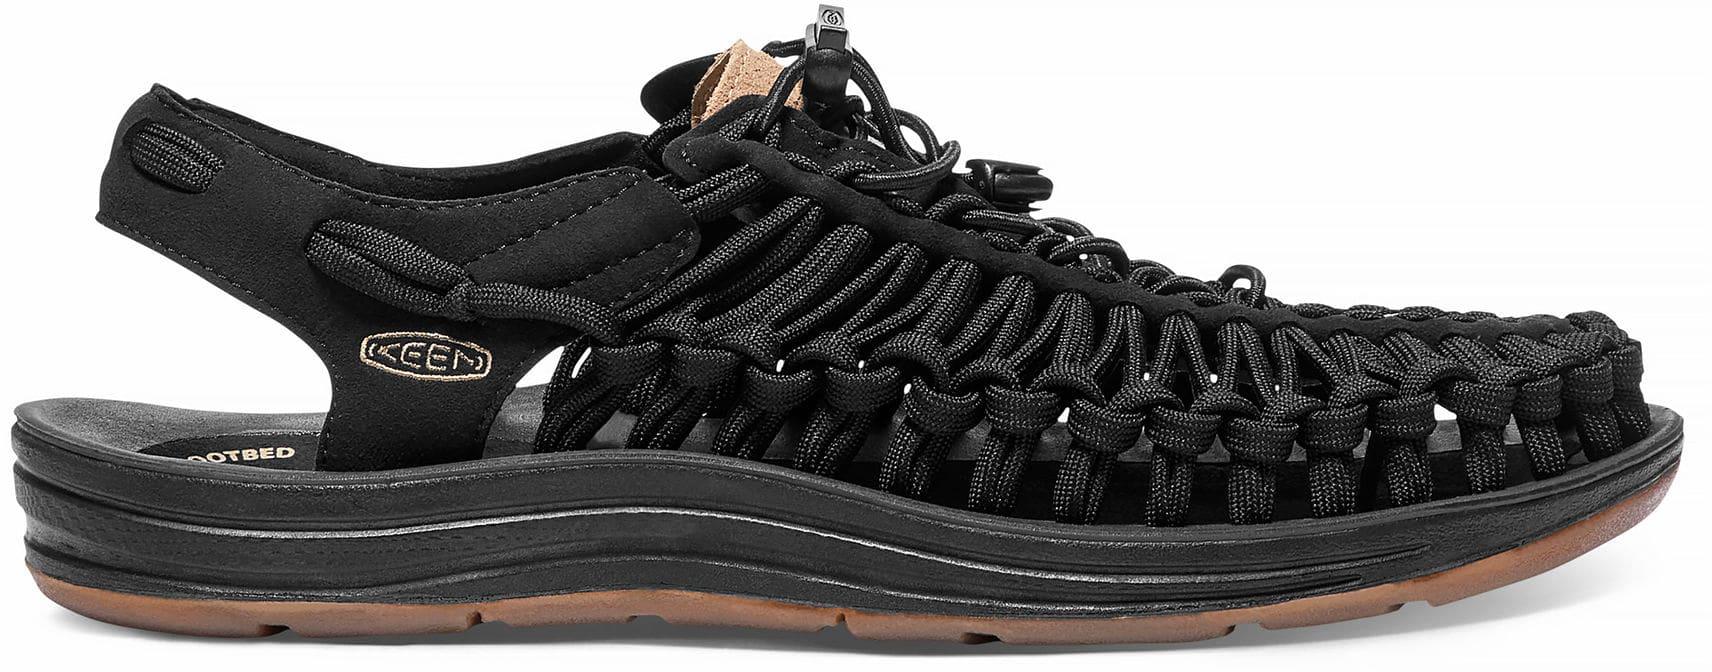 Keen Uneek Flat Cord Sandals